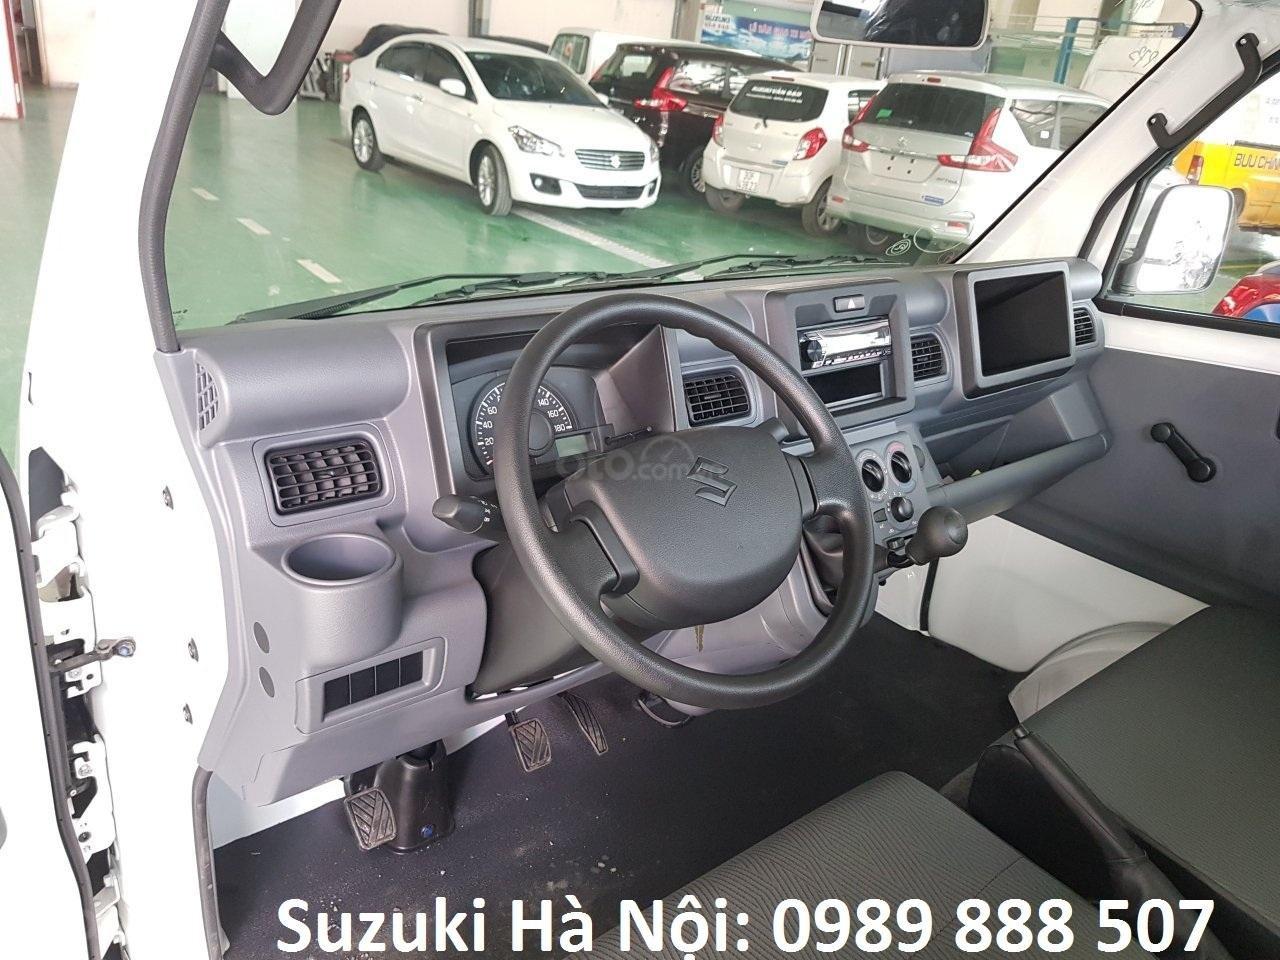 Xe tải Suzuki 750kg 2019 giá rẻ chỉ 299tr. Gọi ngay: 0989 888 507 (4)